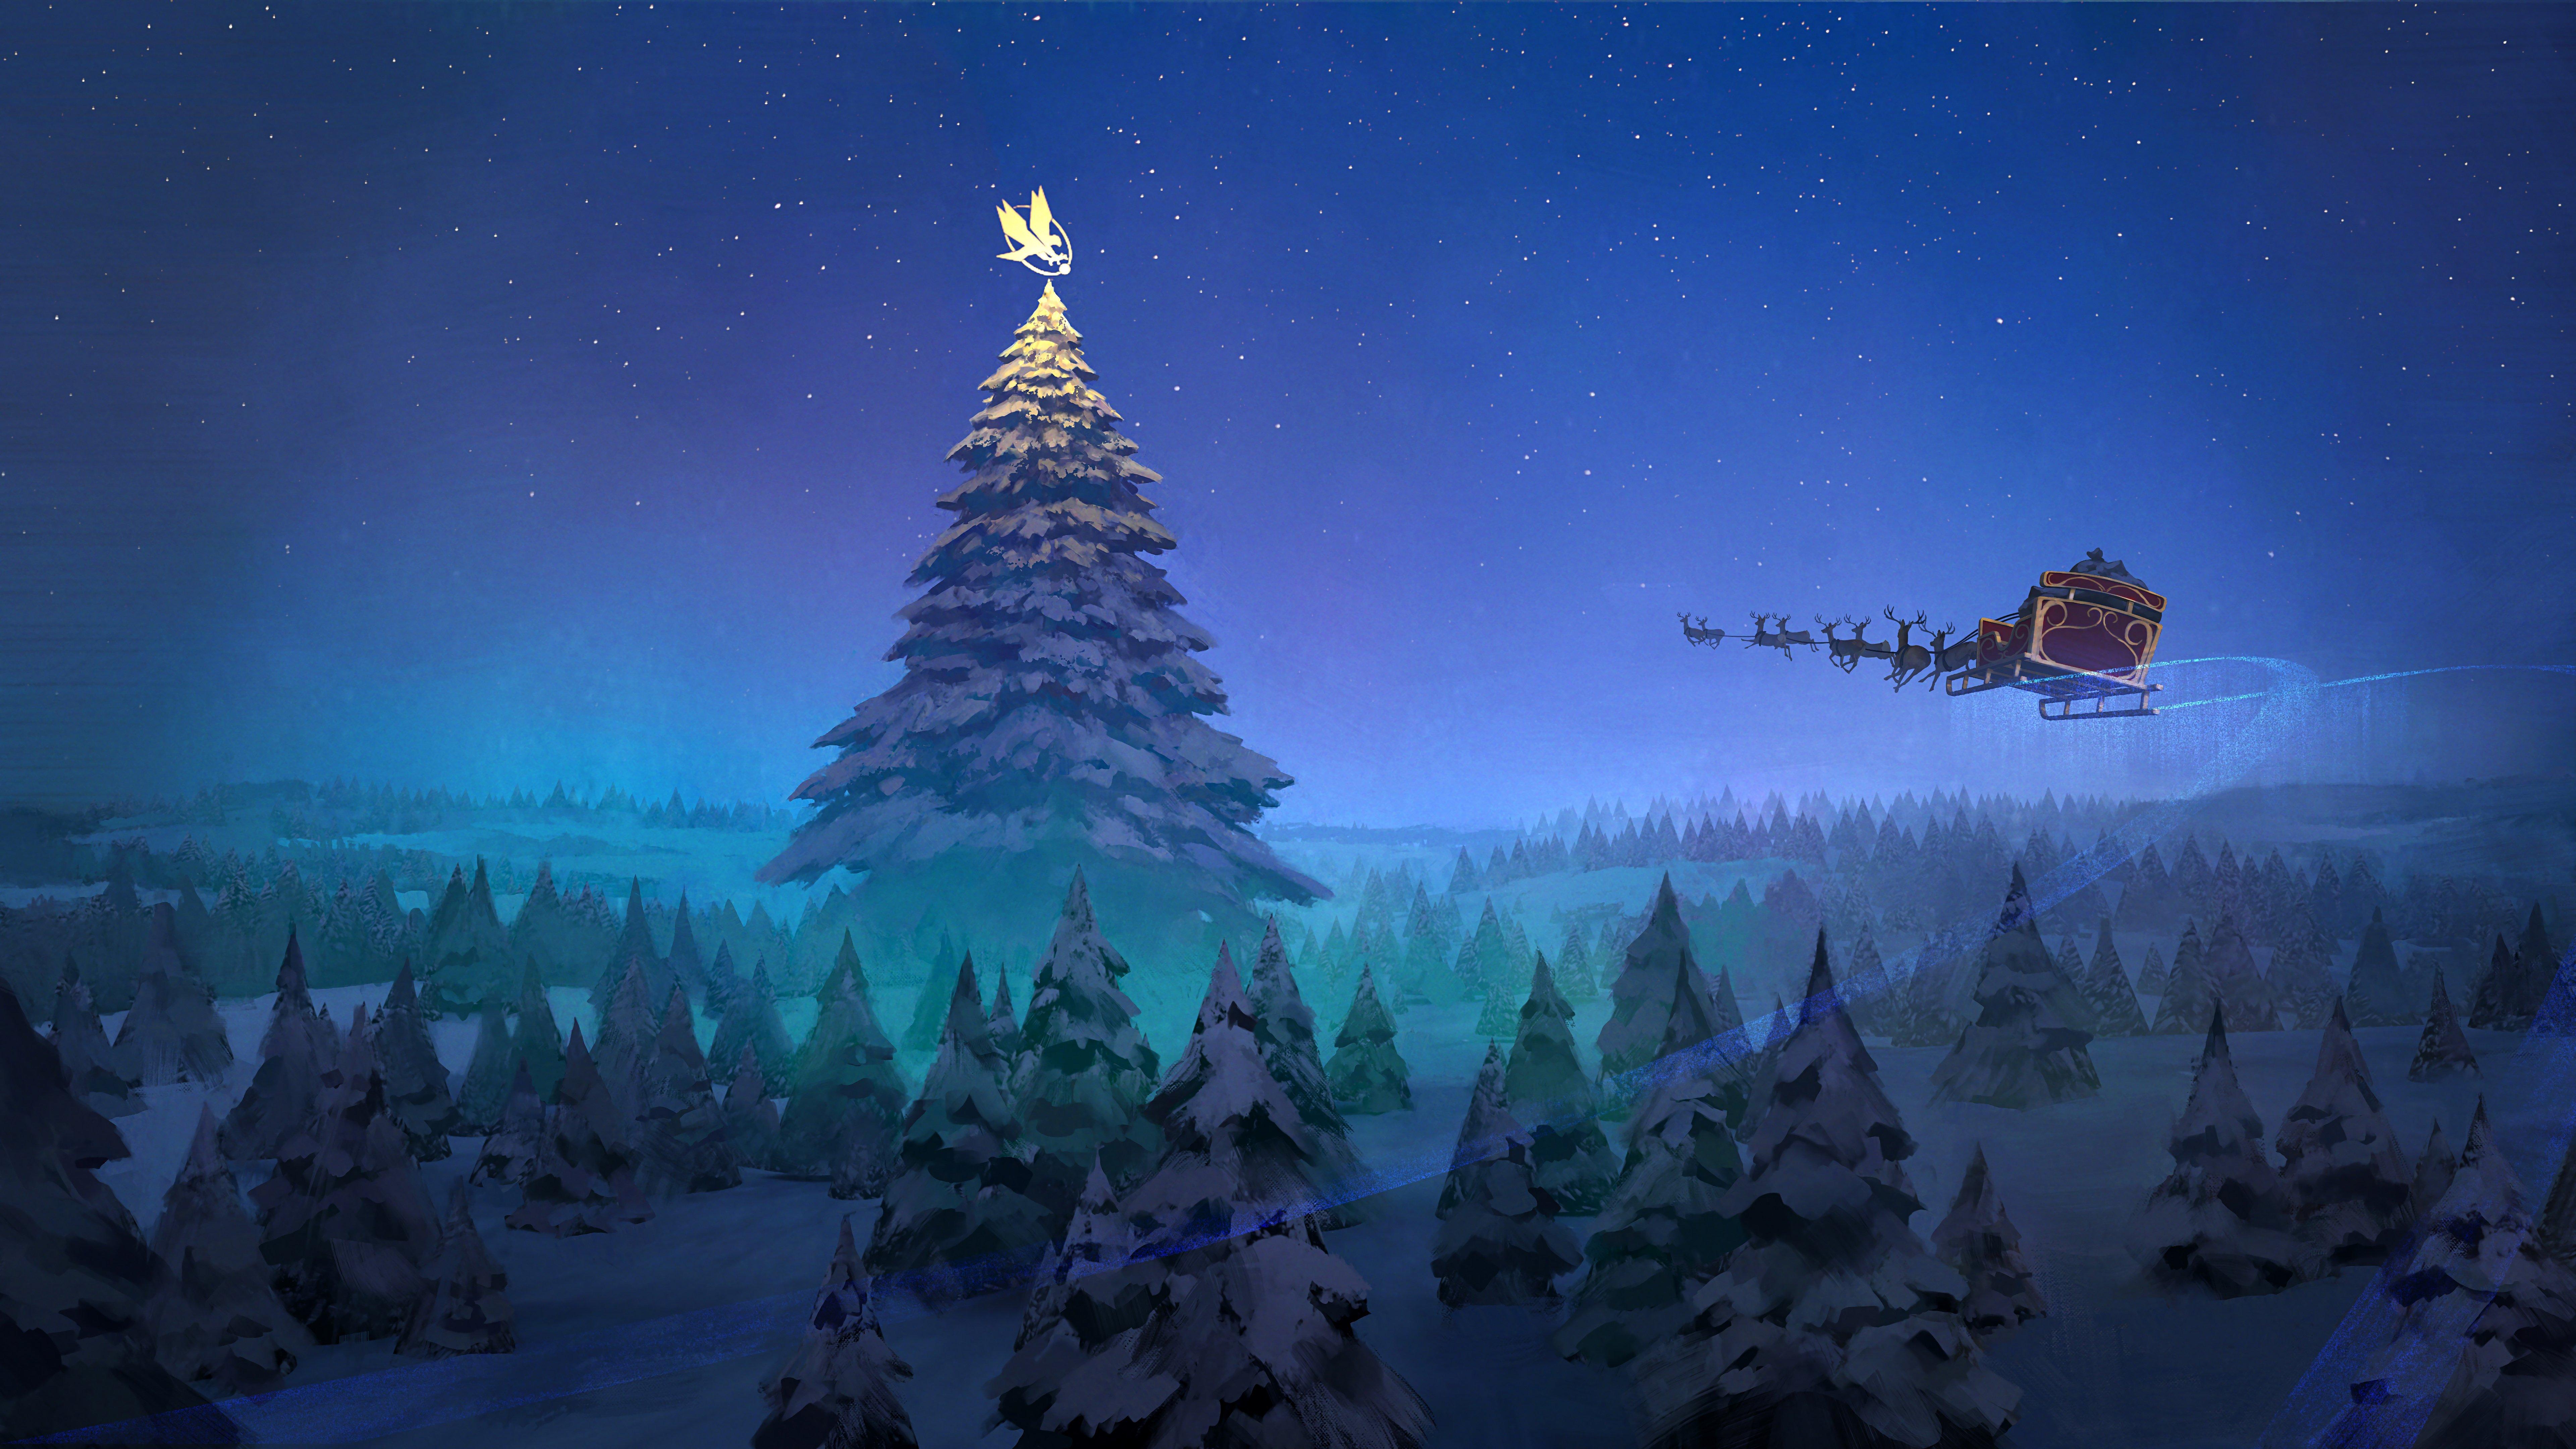 Fondos de pantalla Árbol Navidad con Trineo de Santa Claus Volando